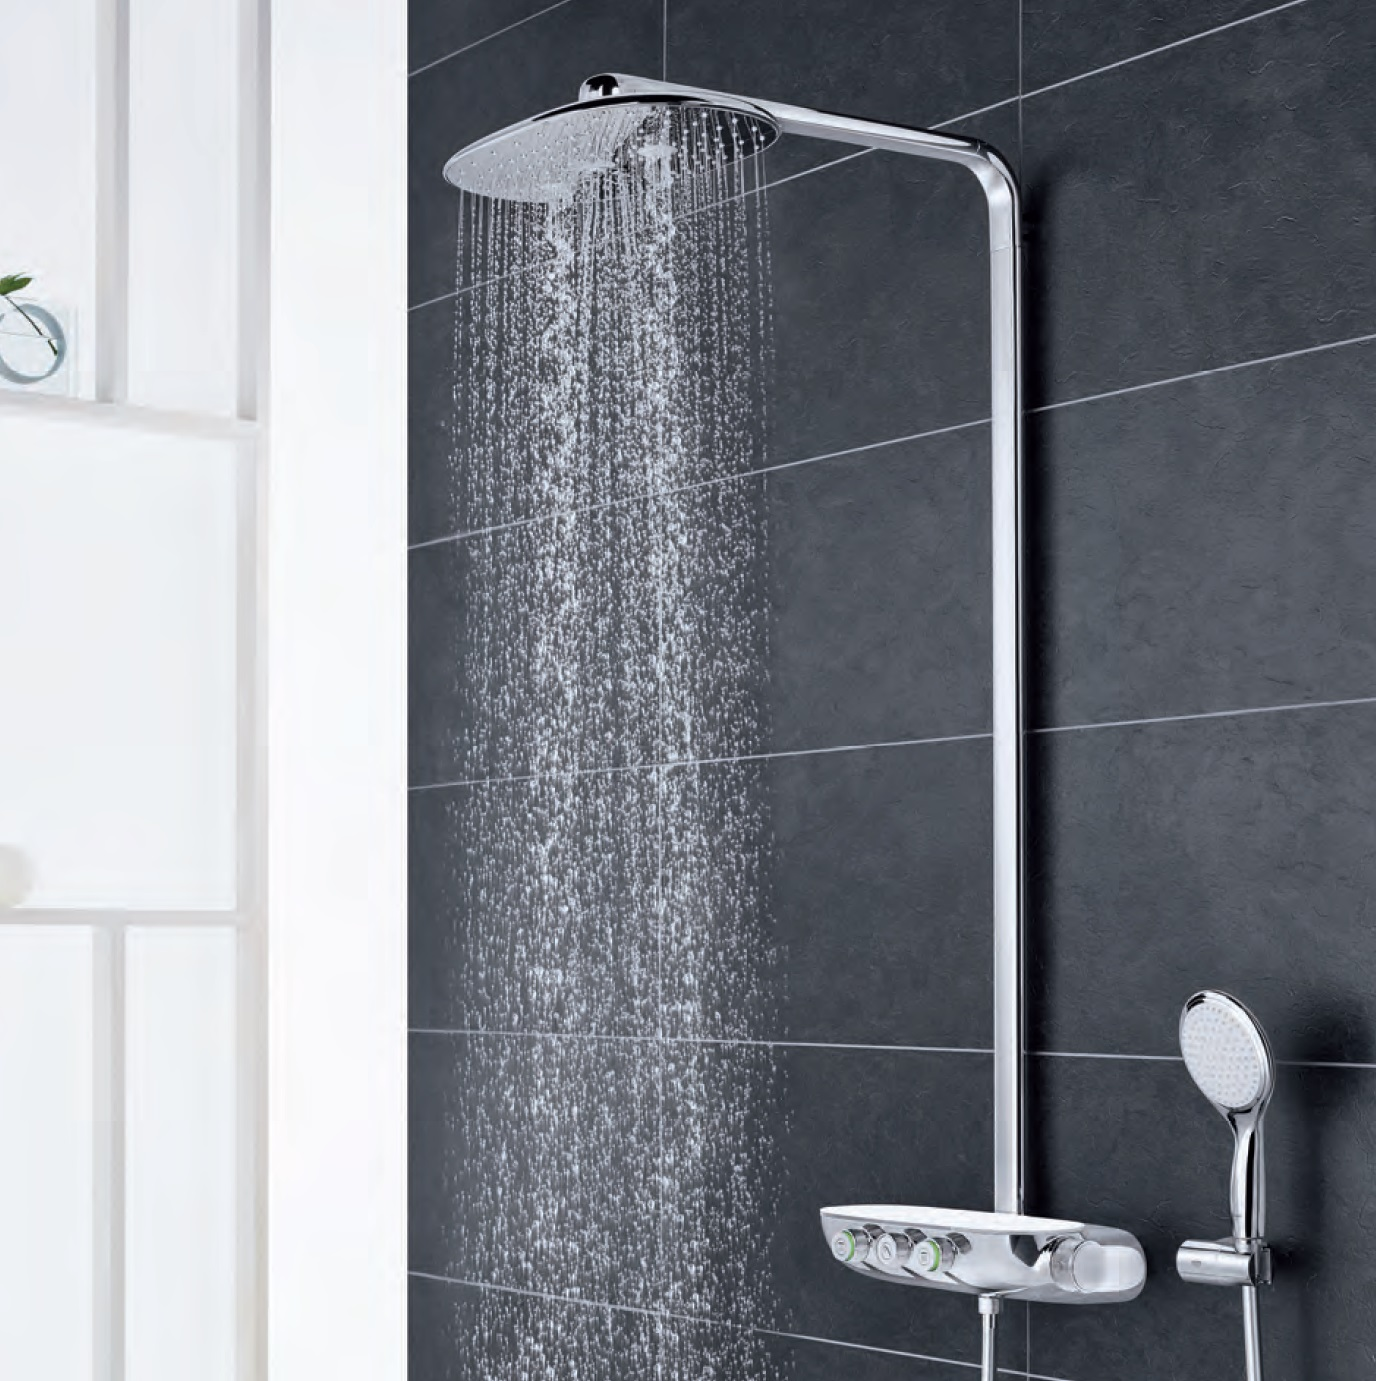 Sprchové hadice a tyče 2